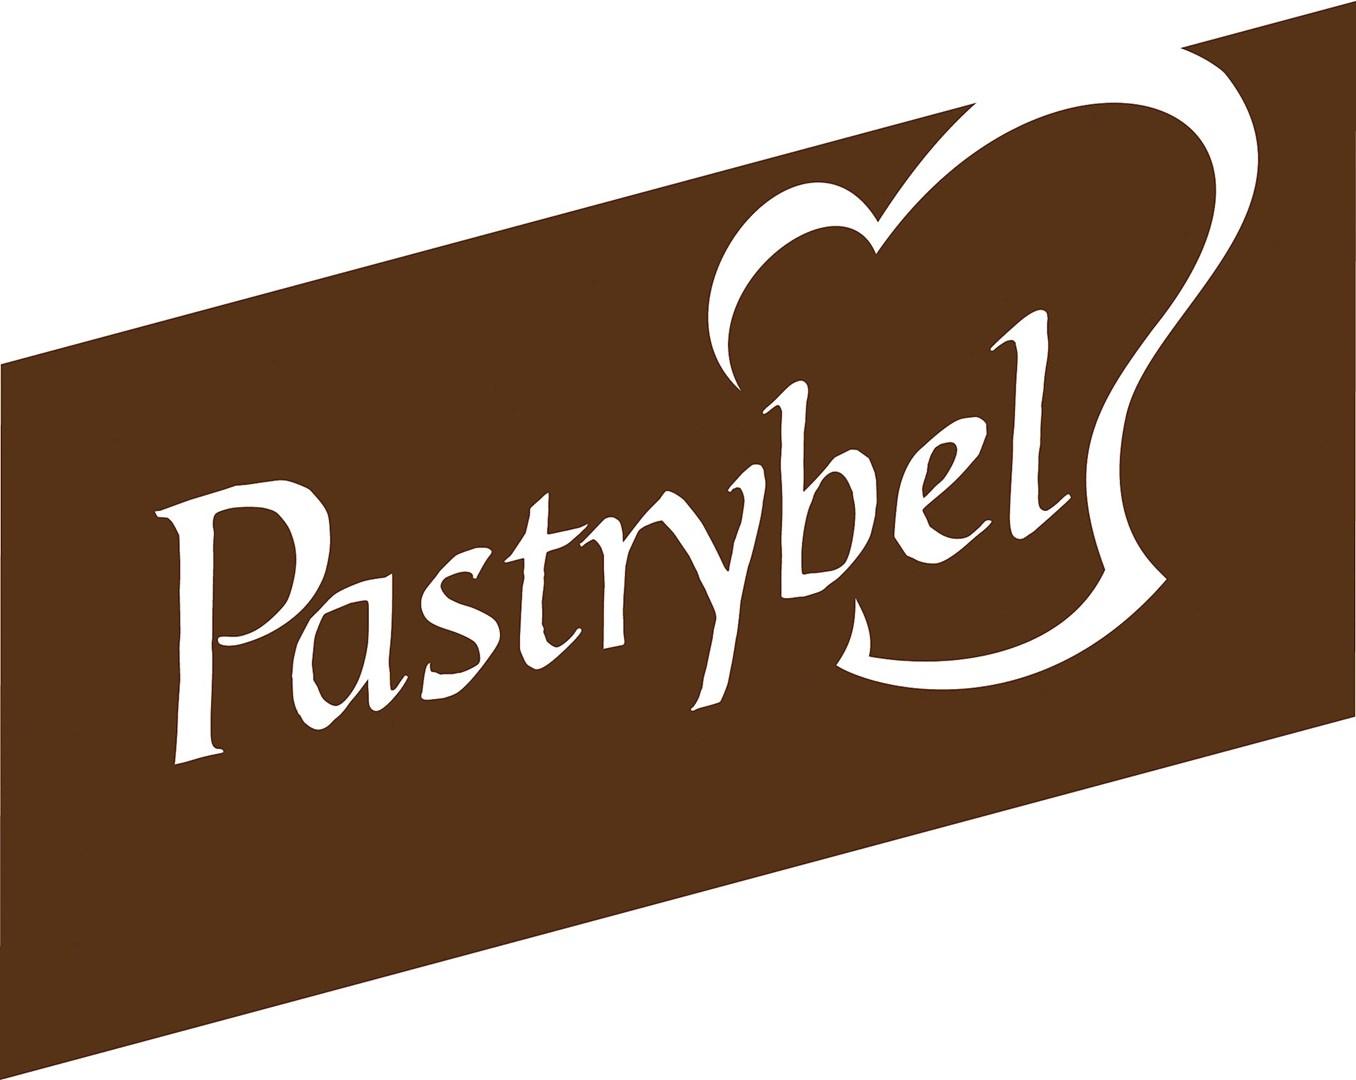 Merkafbeelding Pastrybel